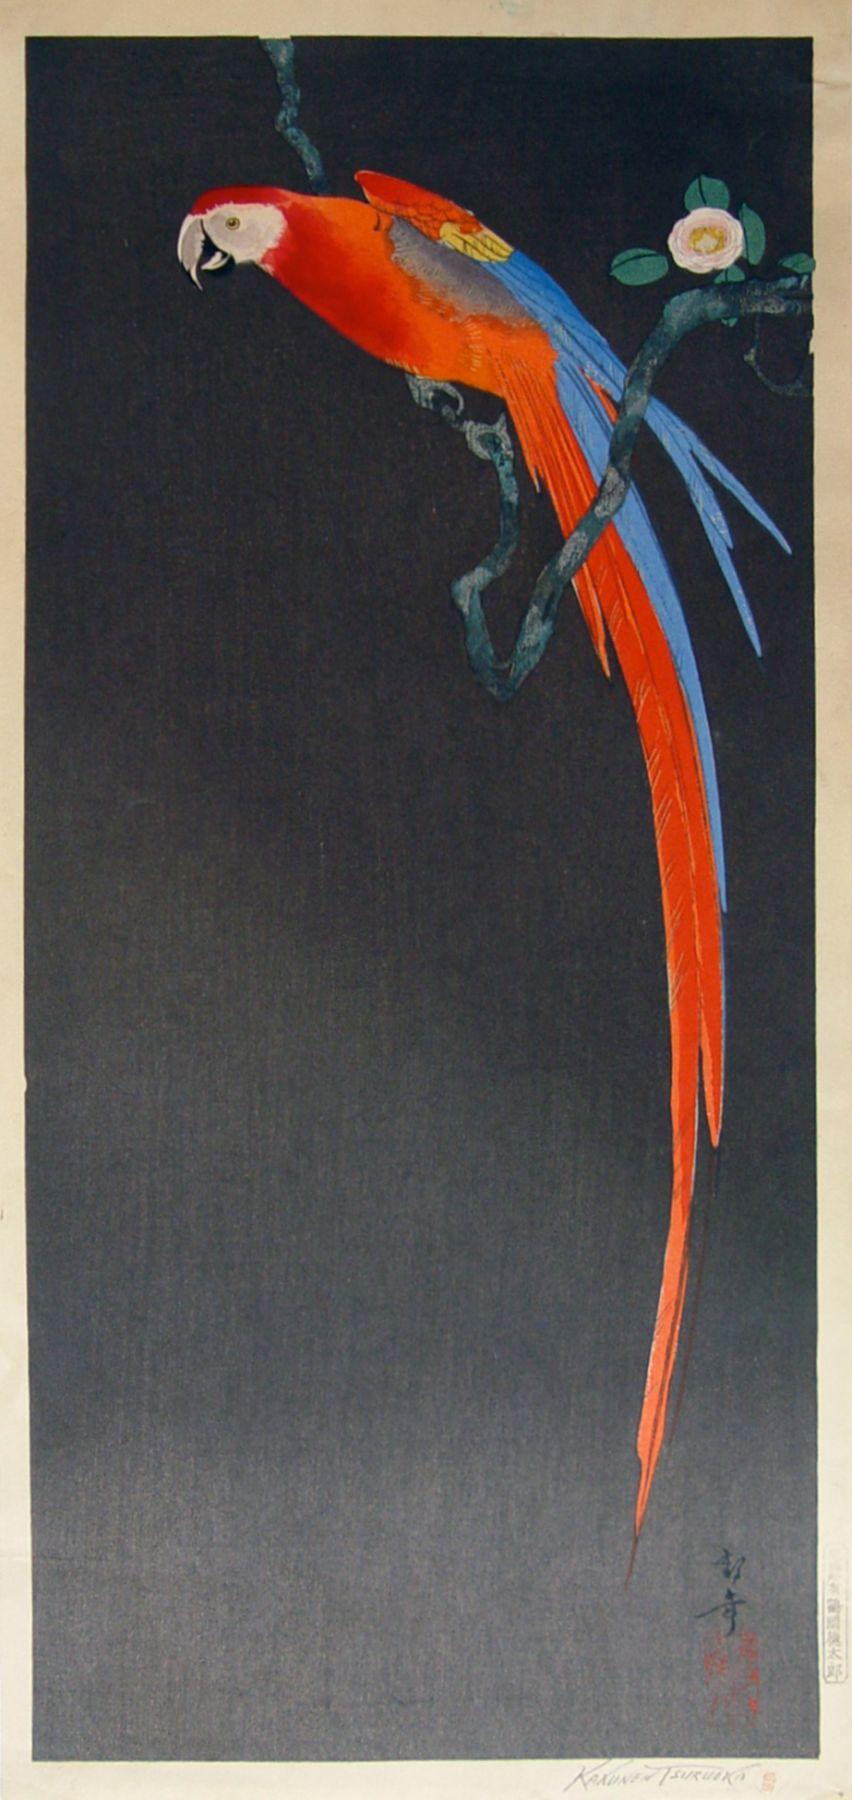 Tsuruoka Kakunen (1892-1977), Parrot on flowering branch